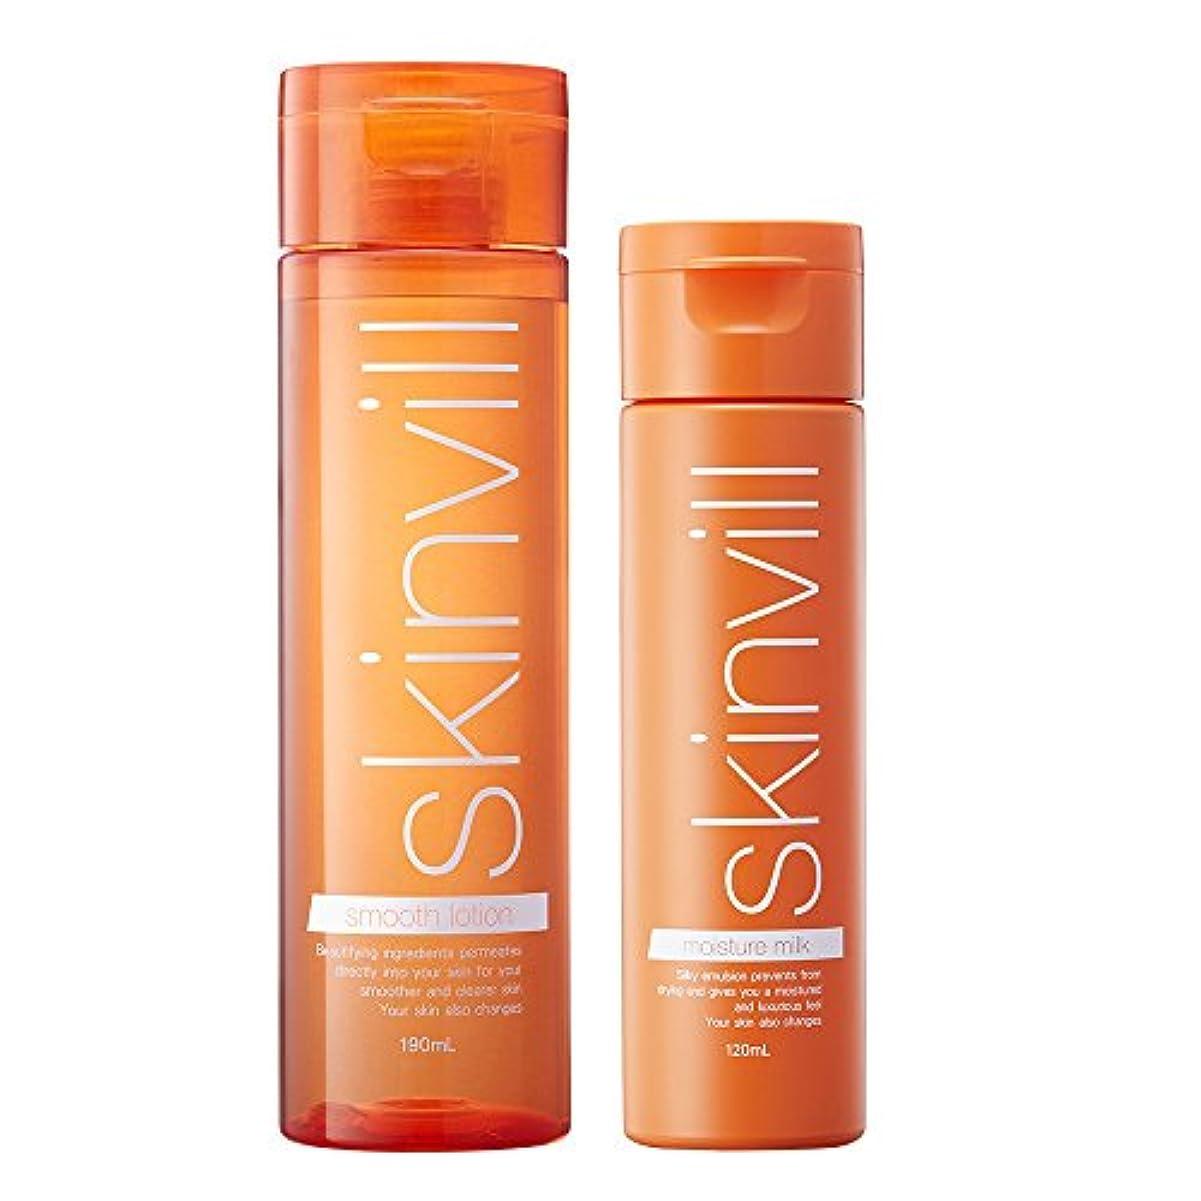 【セット】 skinvill スキンビル スムースローション 化粧水 190ml & モイスチャーミルク 乳液 120ml